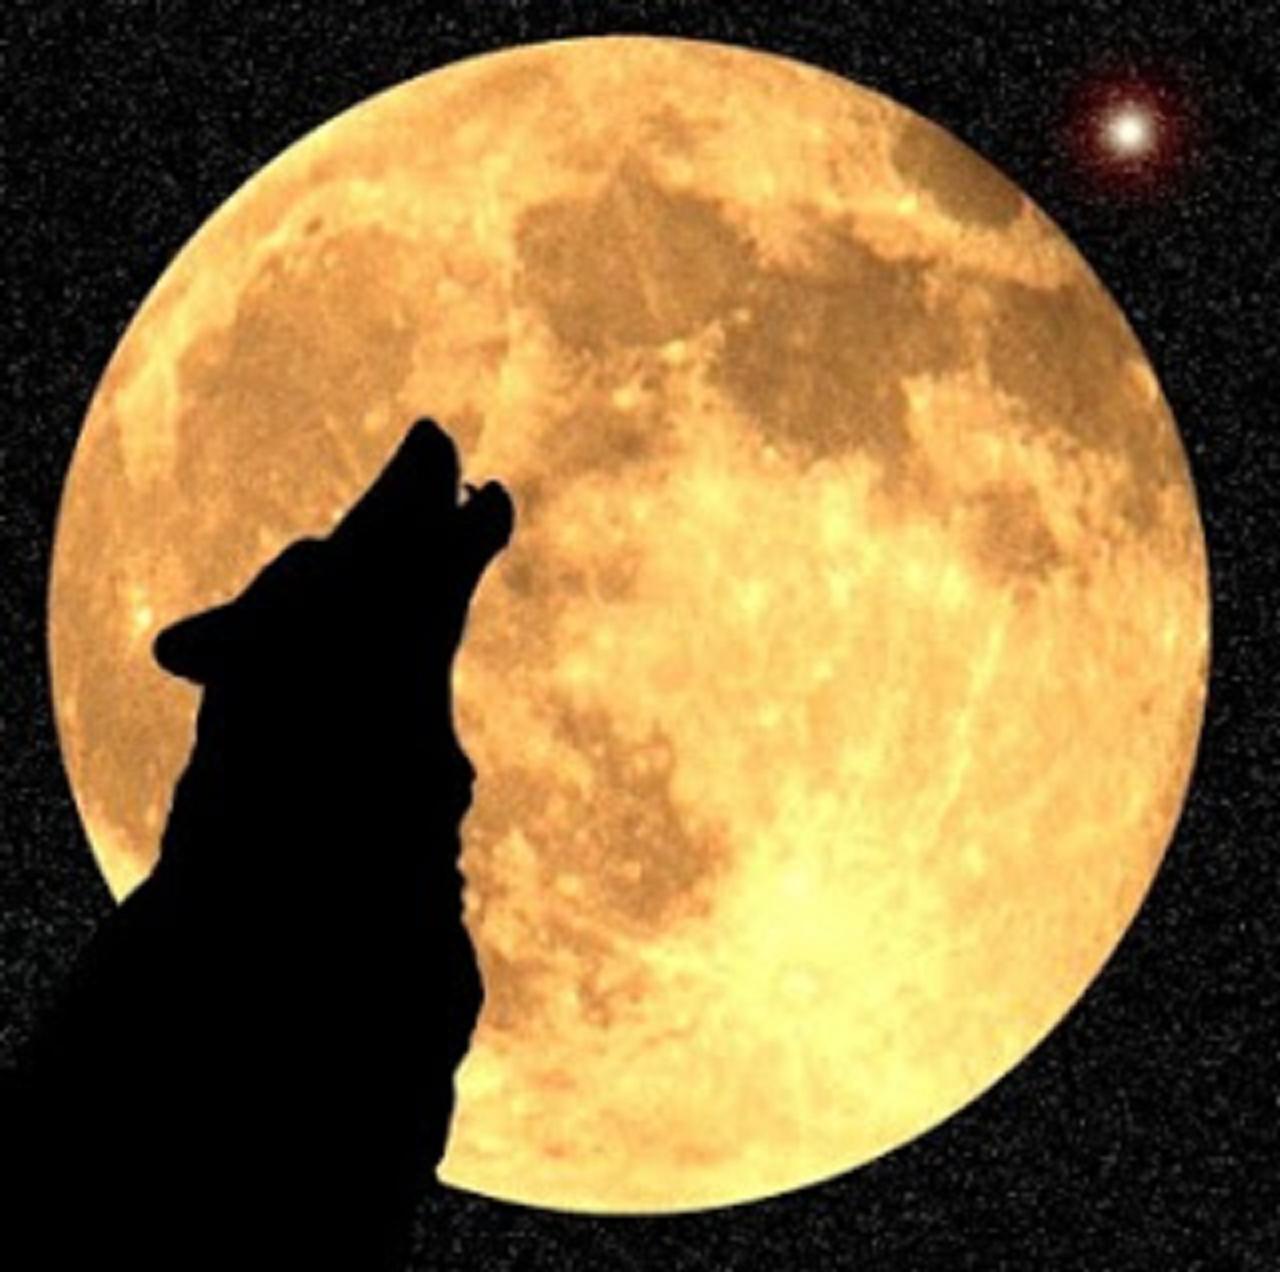 Ἄνθρωπος στὸ φεγγάρι.